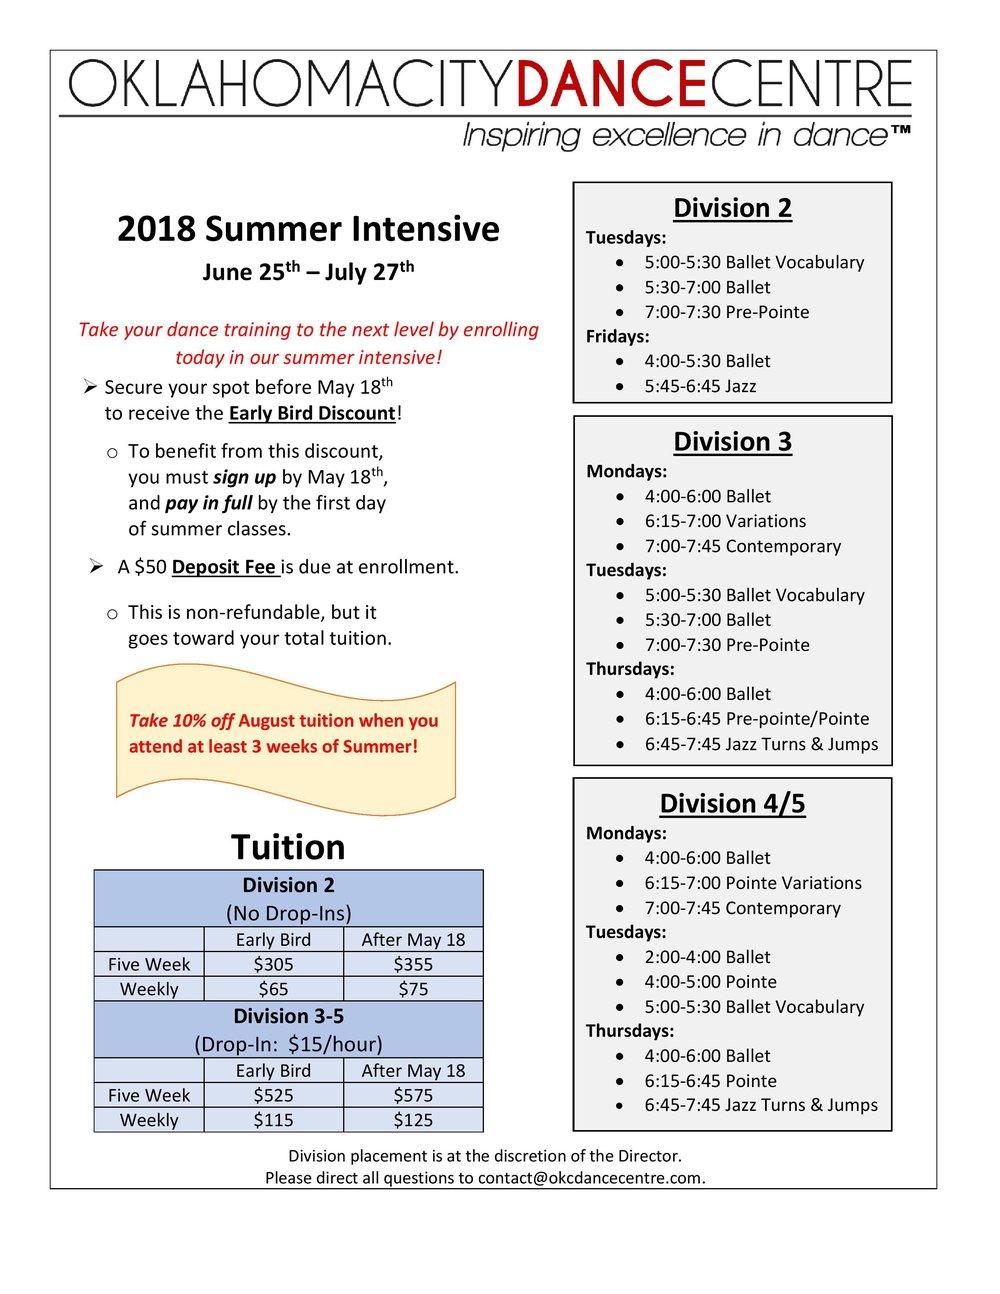 Summer Intensive 2018.jpg